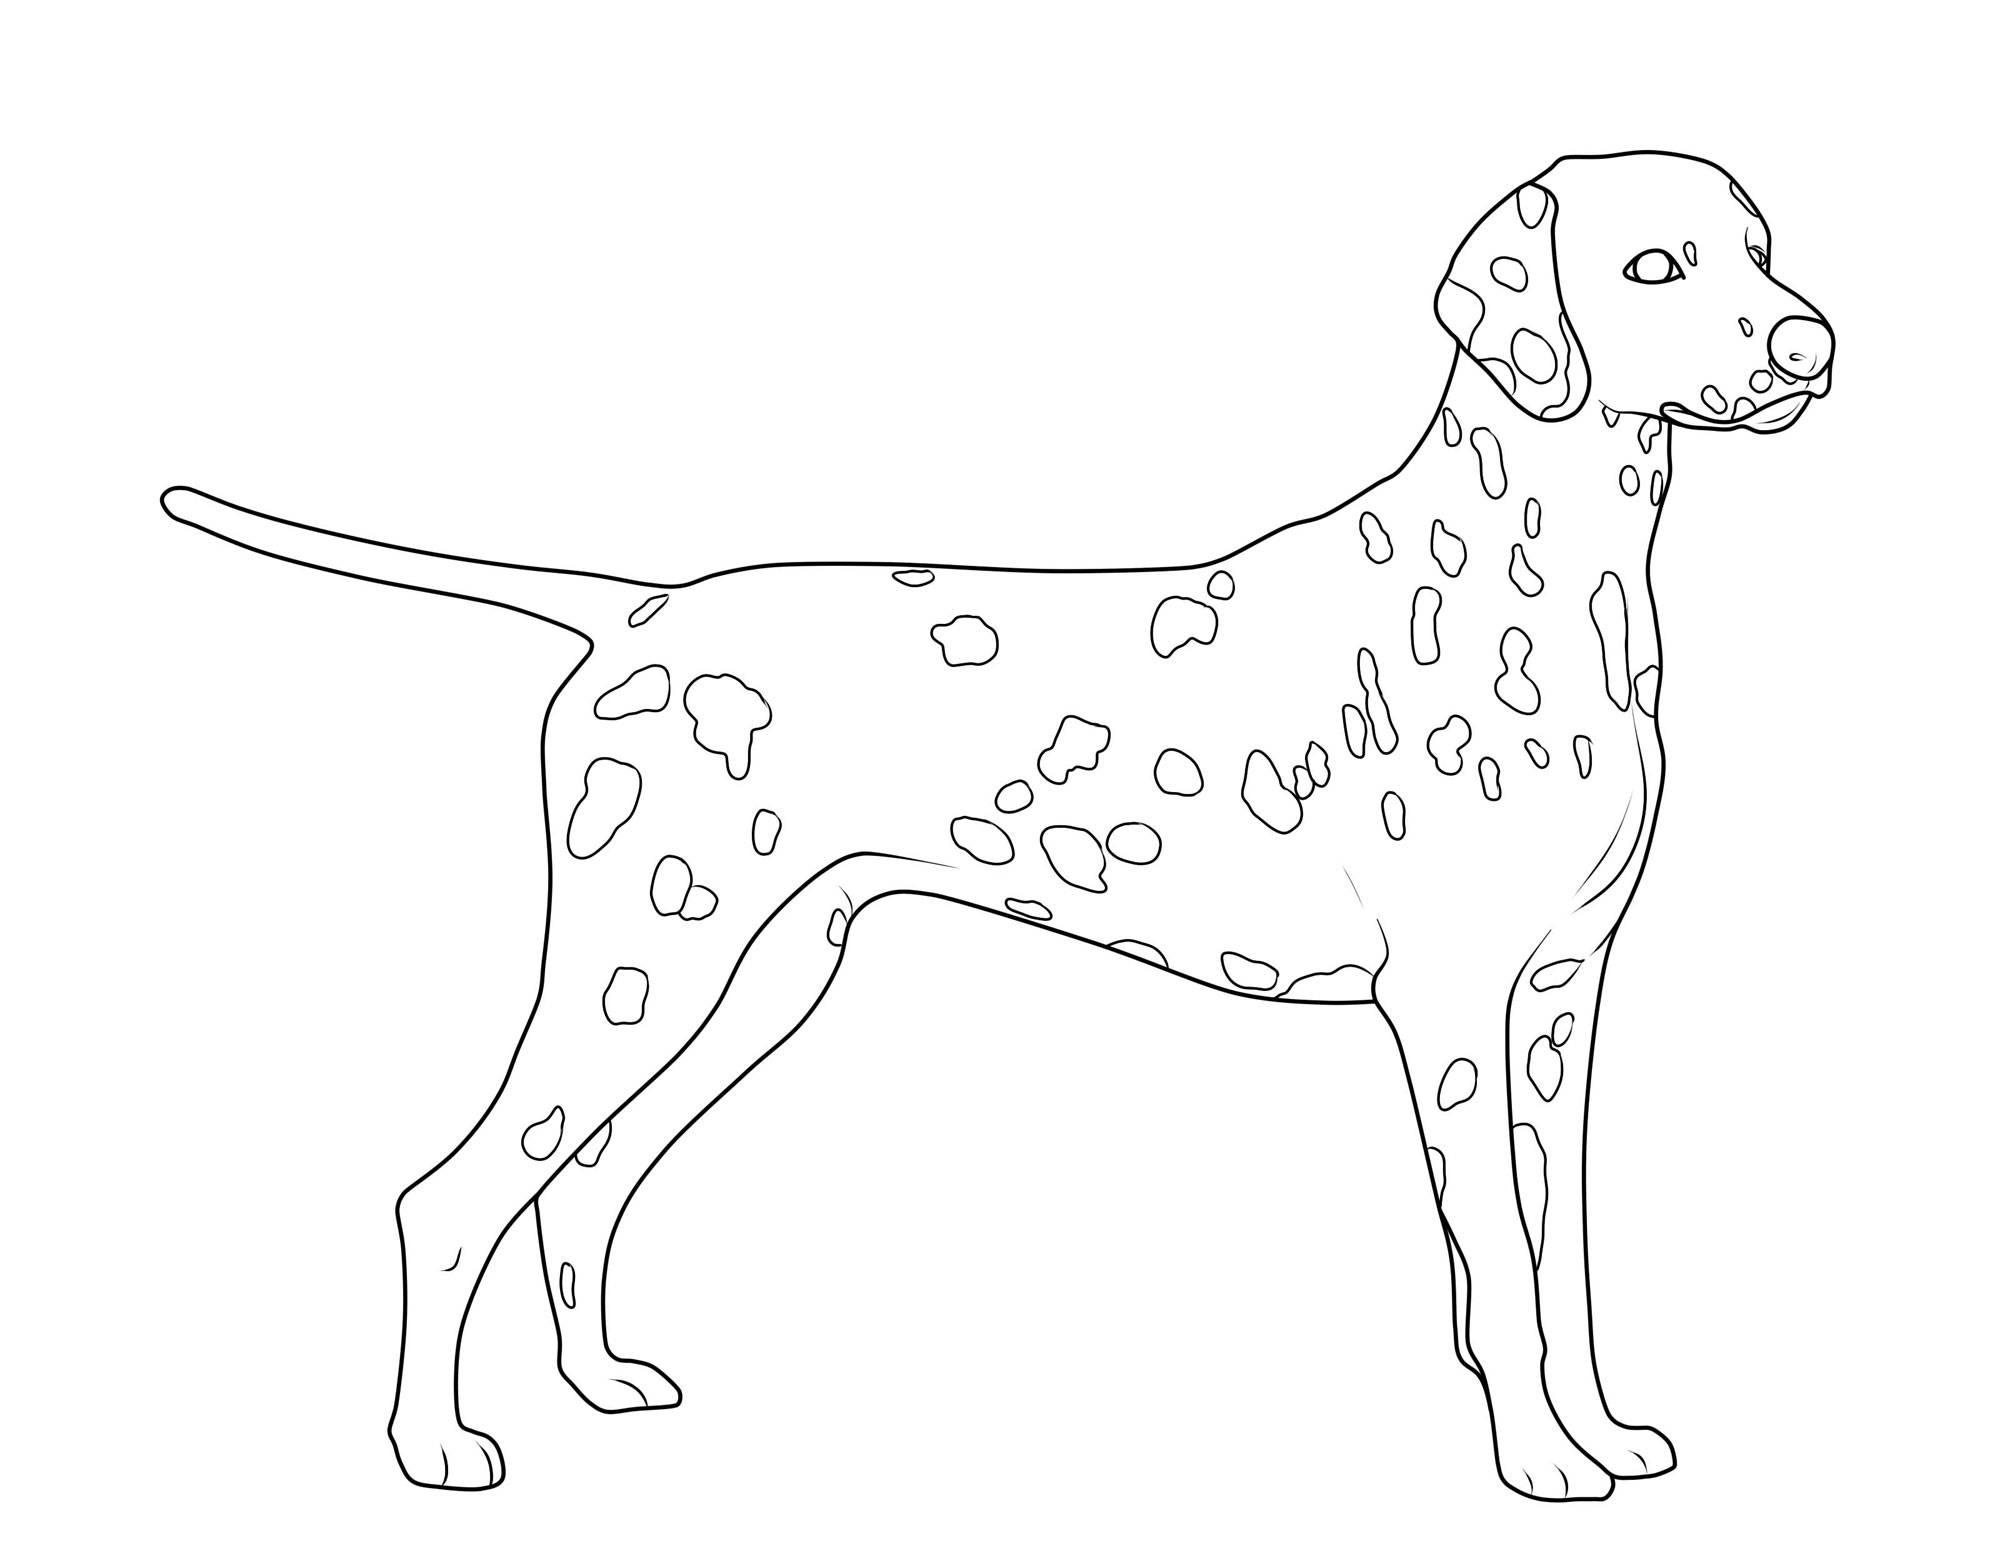 Ausmalbild Hunde Dalmatiner Kostenlos Ausdrucken